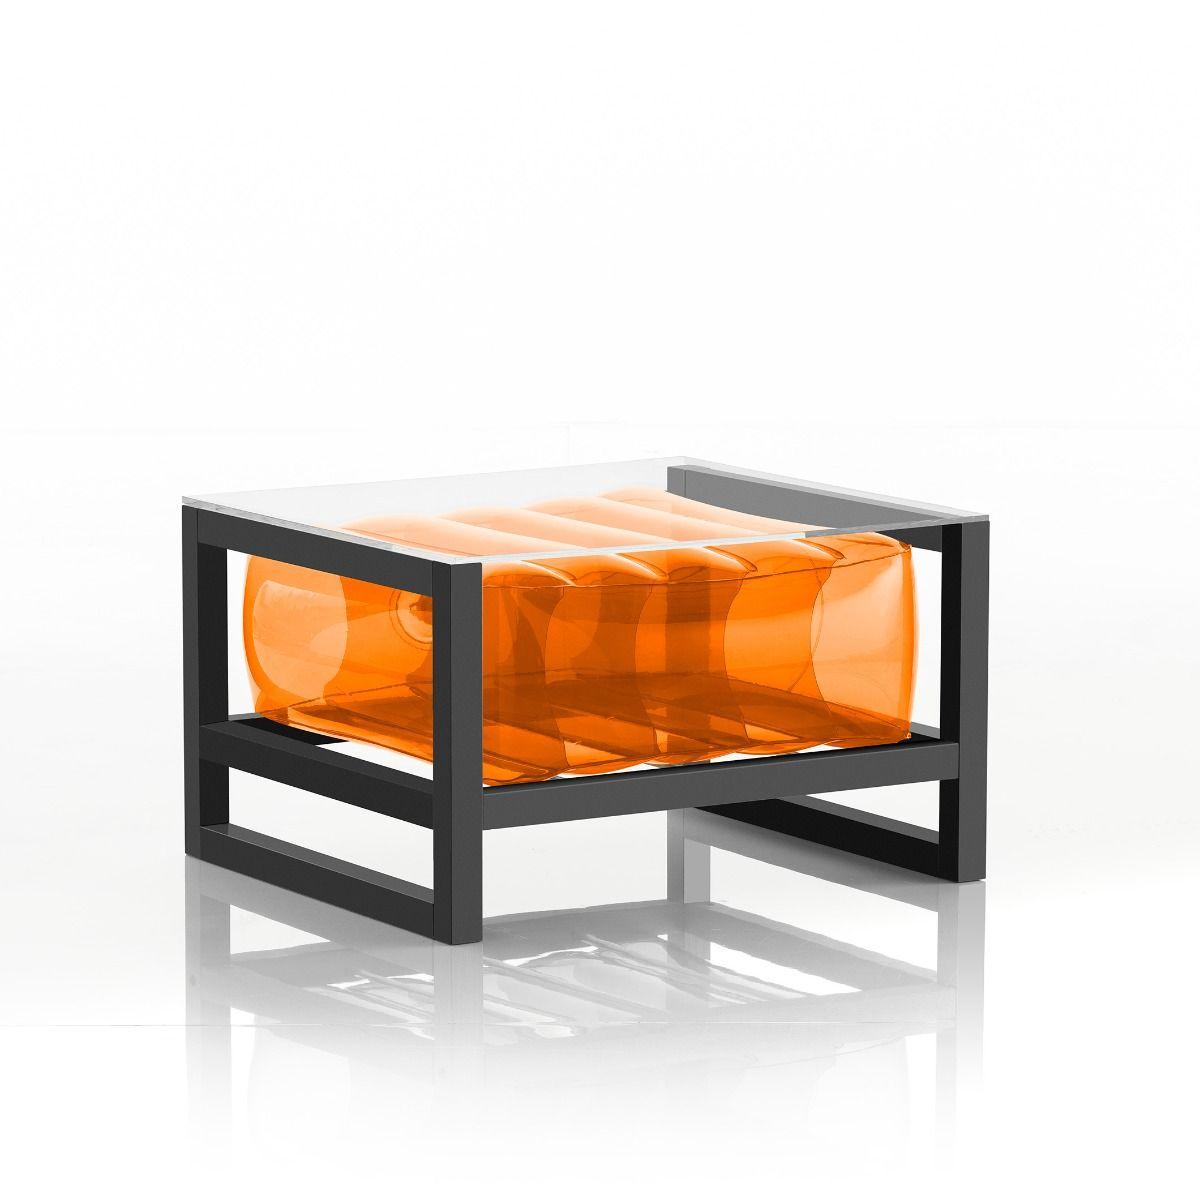 Table basse pvc orange cadre en aluminium